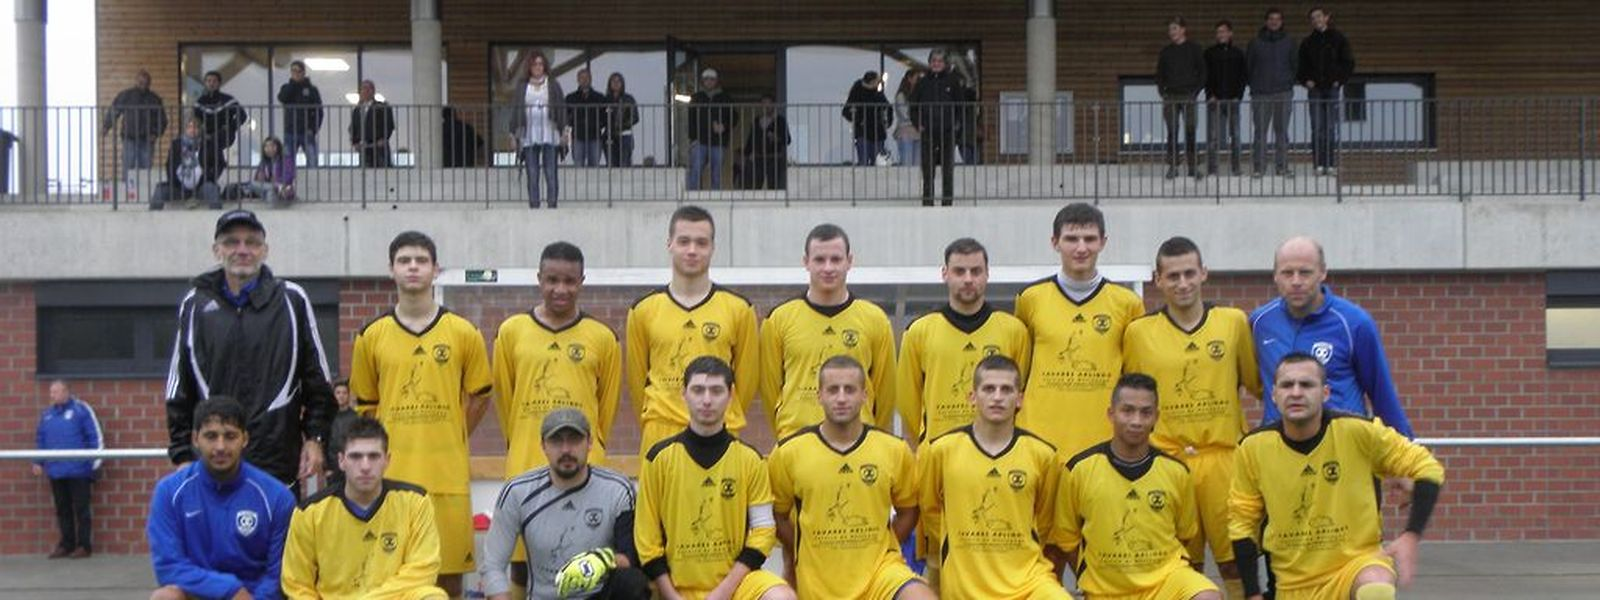 Grâce à sa victoire nette (3-0) sur Troisvierges, le Blo-Wäiss Medernach recolle au classement de la Série 1 sur son adversaire de dimanche.